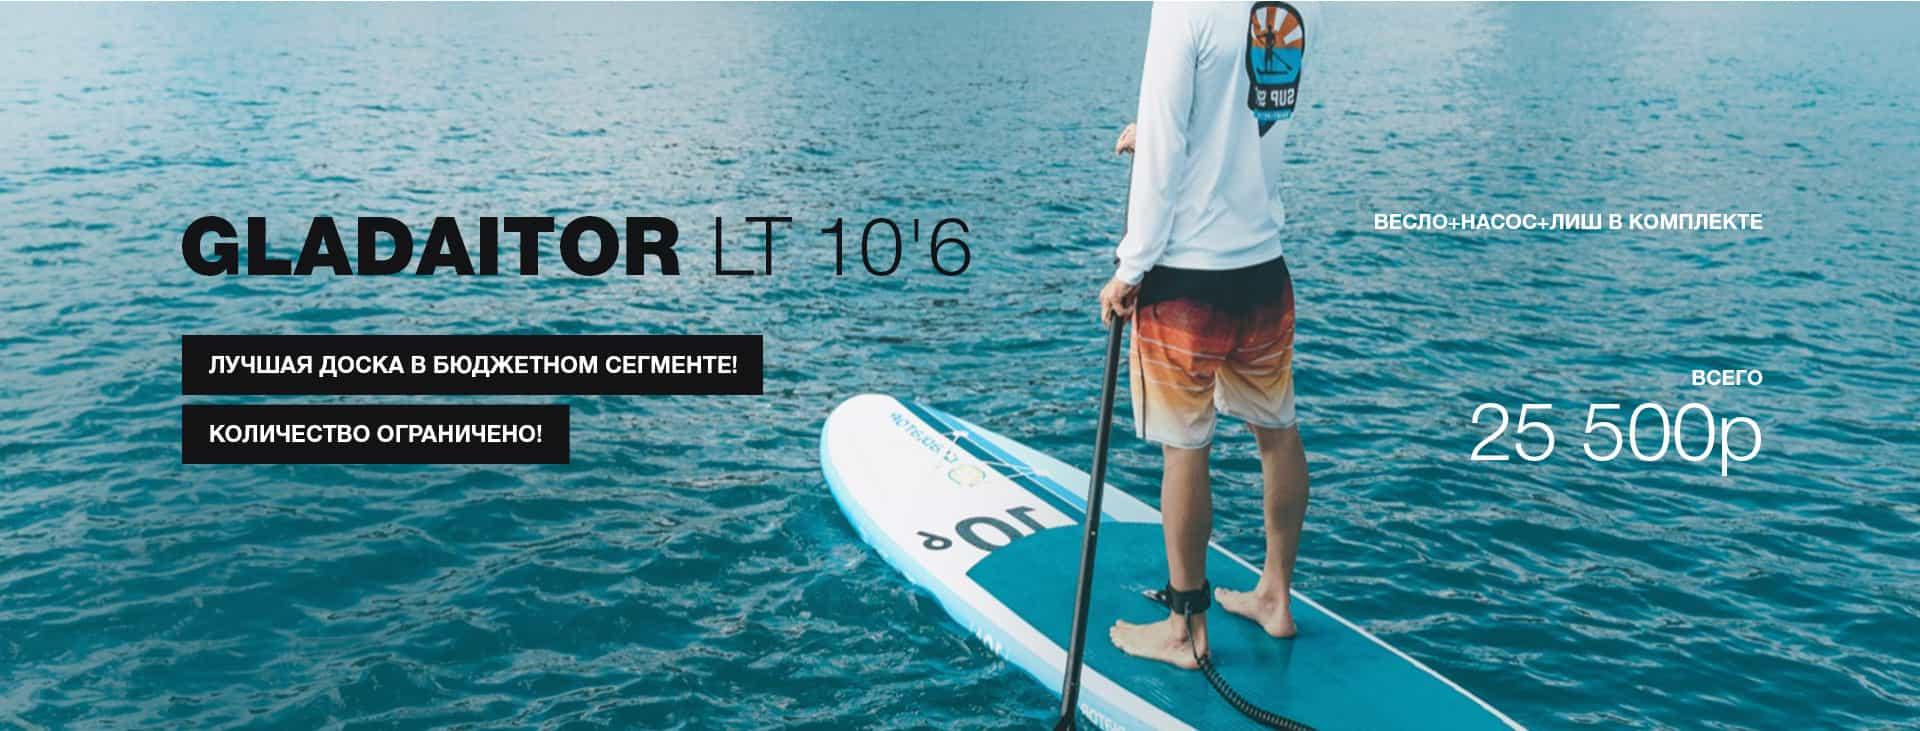 SUP-серфинг: как это работает?